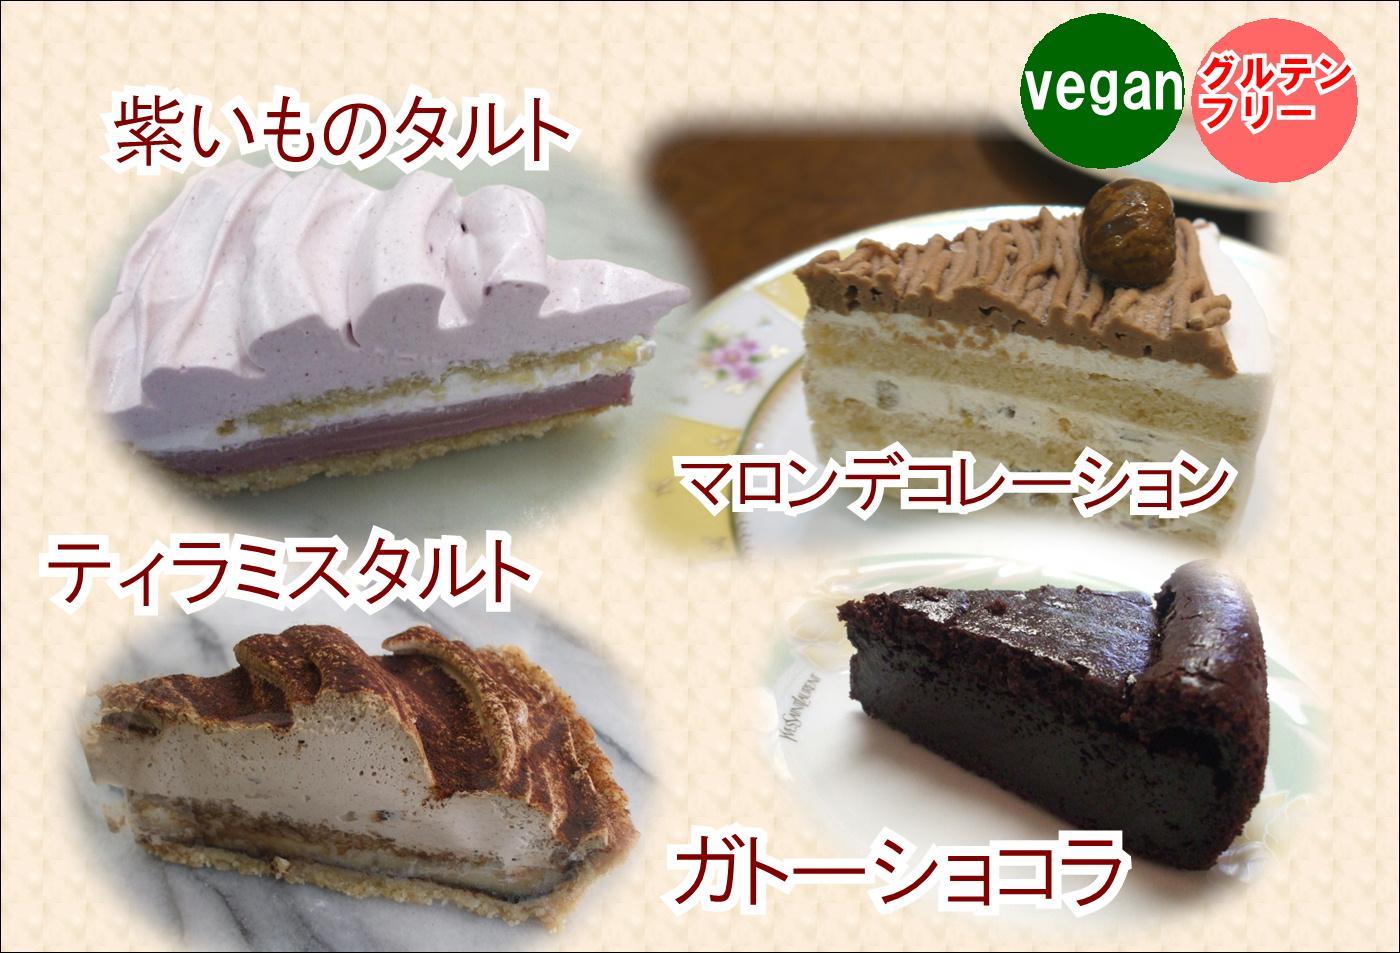 卵 牛乳 小麦粉 アレルギー対応 ケーキ